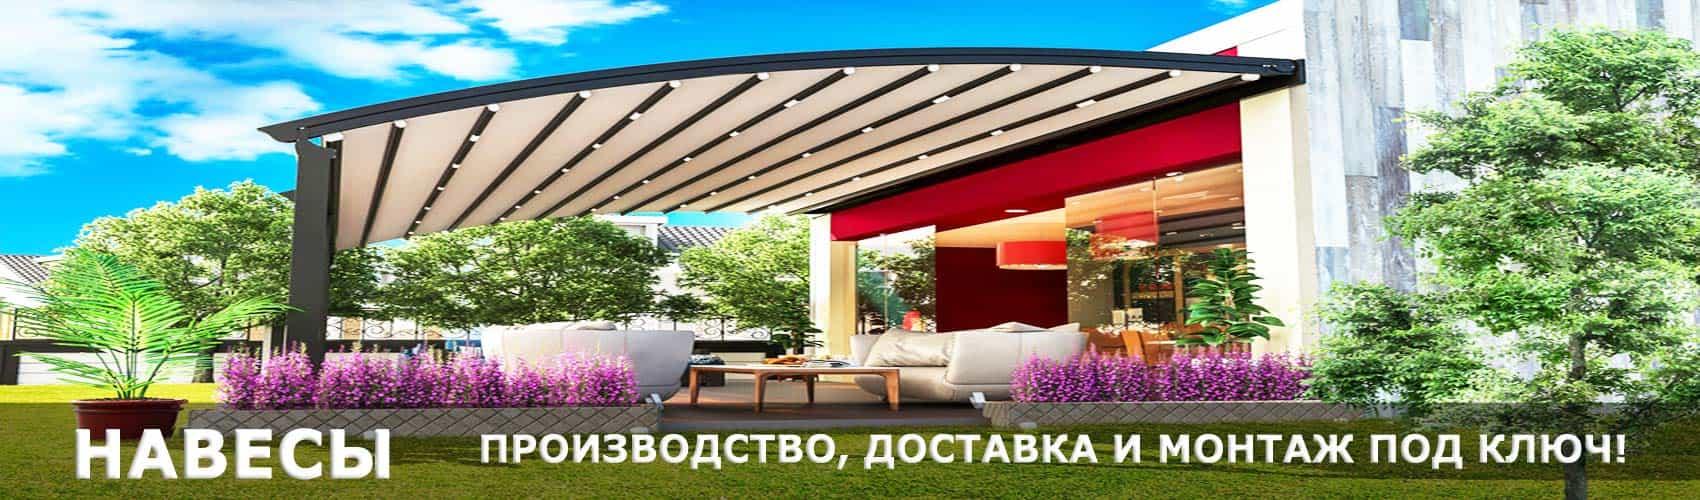 Установка навесов в Московской области